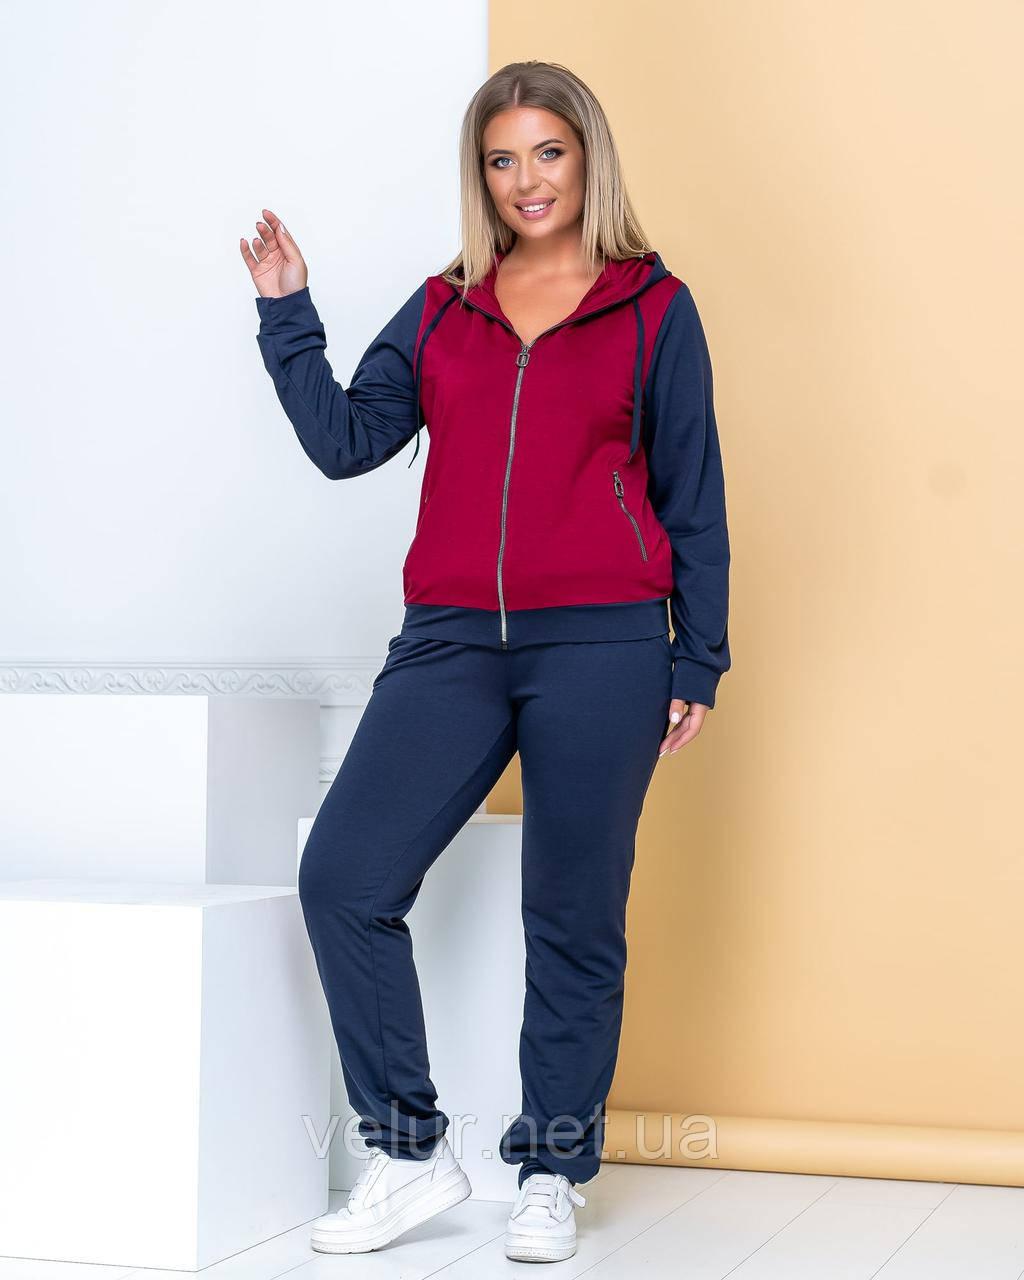 Жіночий спортивний трикотажний костюм-4 кольори,Розміри:48,50,52,54